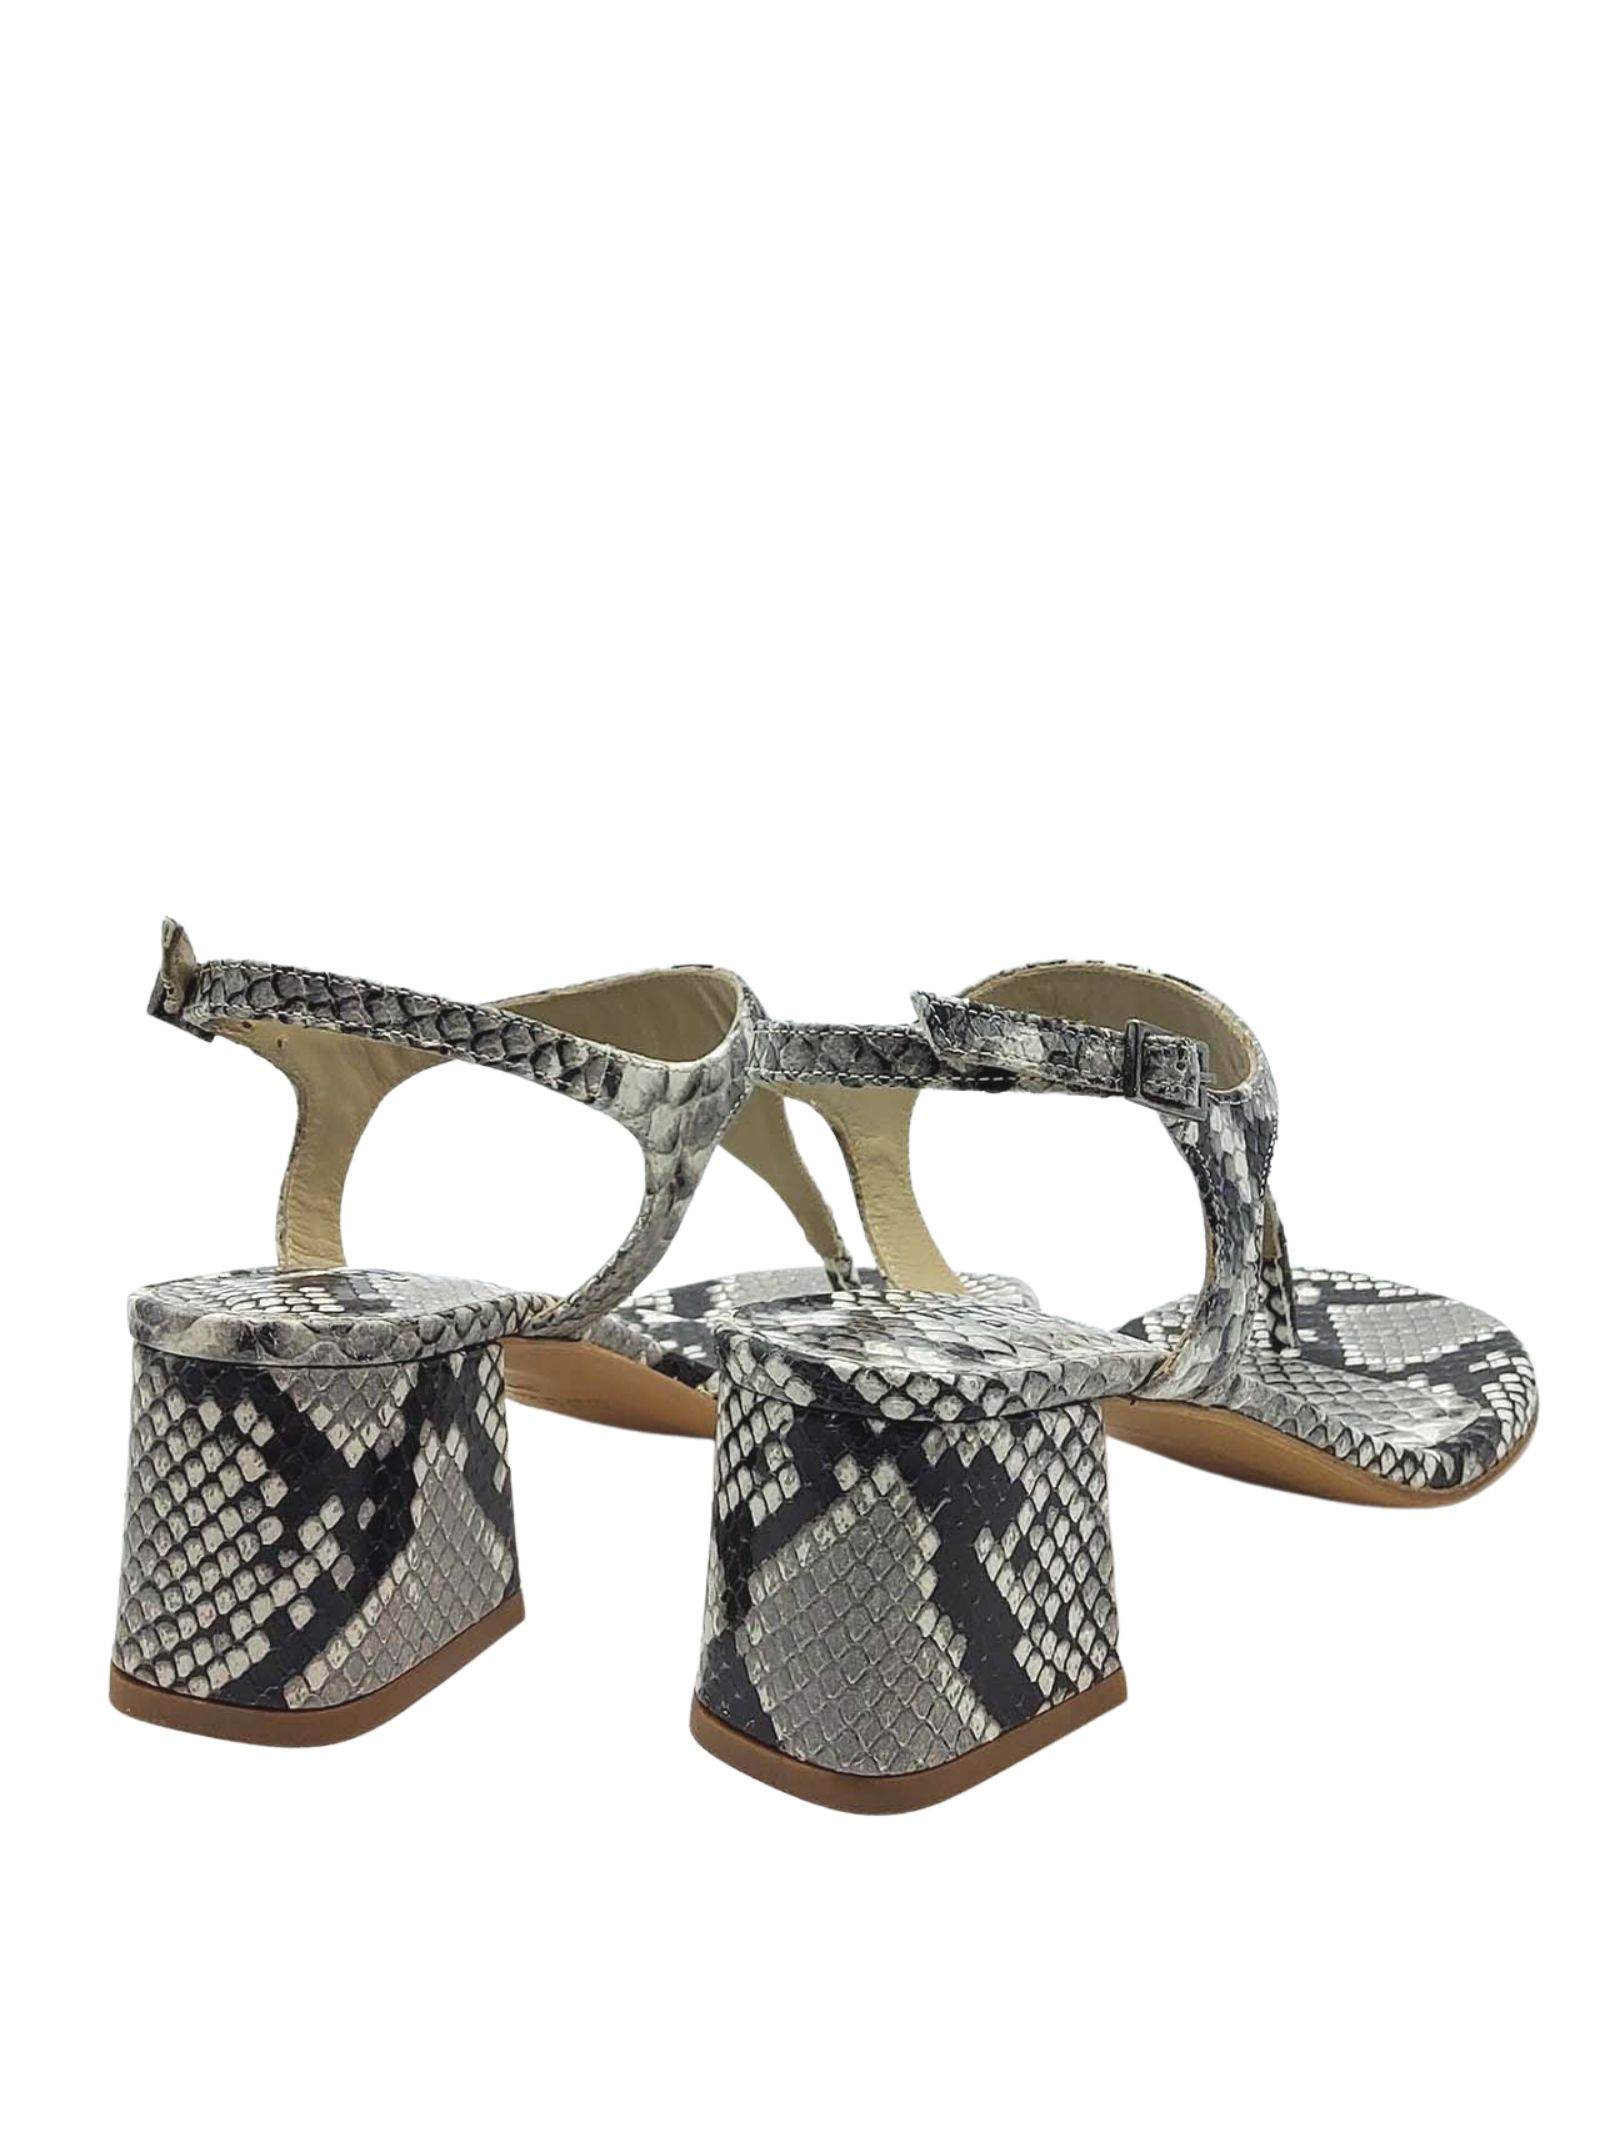 Calzature Donna Sandali Infradito In Pelle Pitonata Roccia Con Cinturino E Tacco Quadrato Tattoo   Sandali   107502